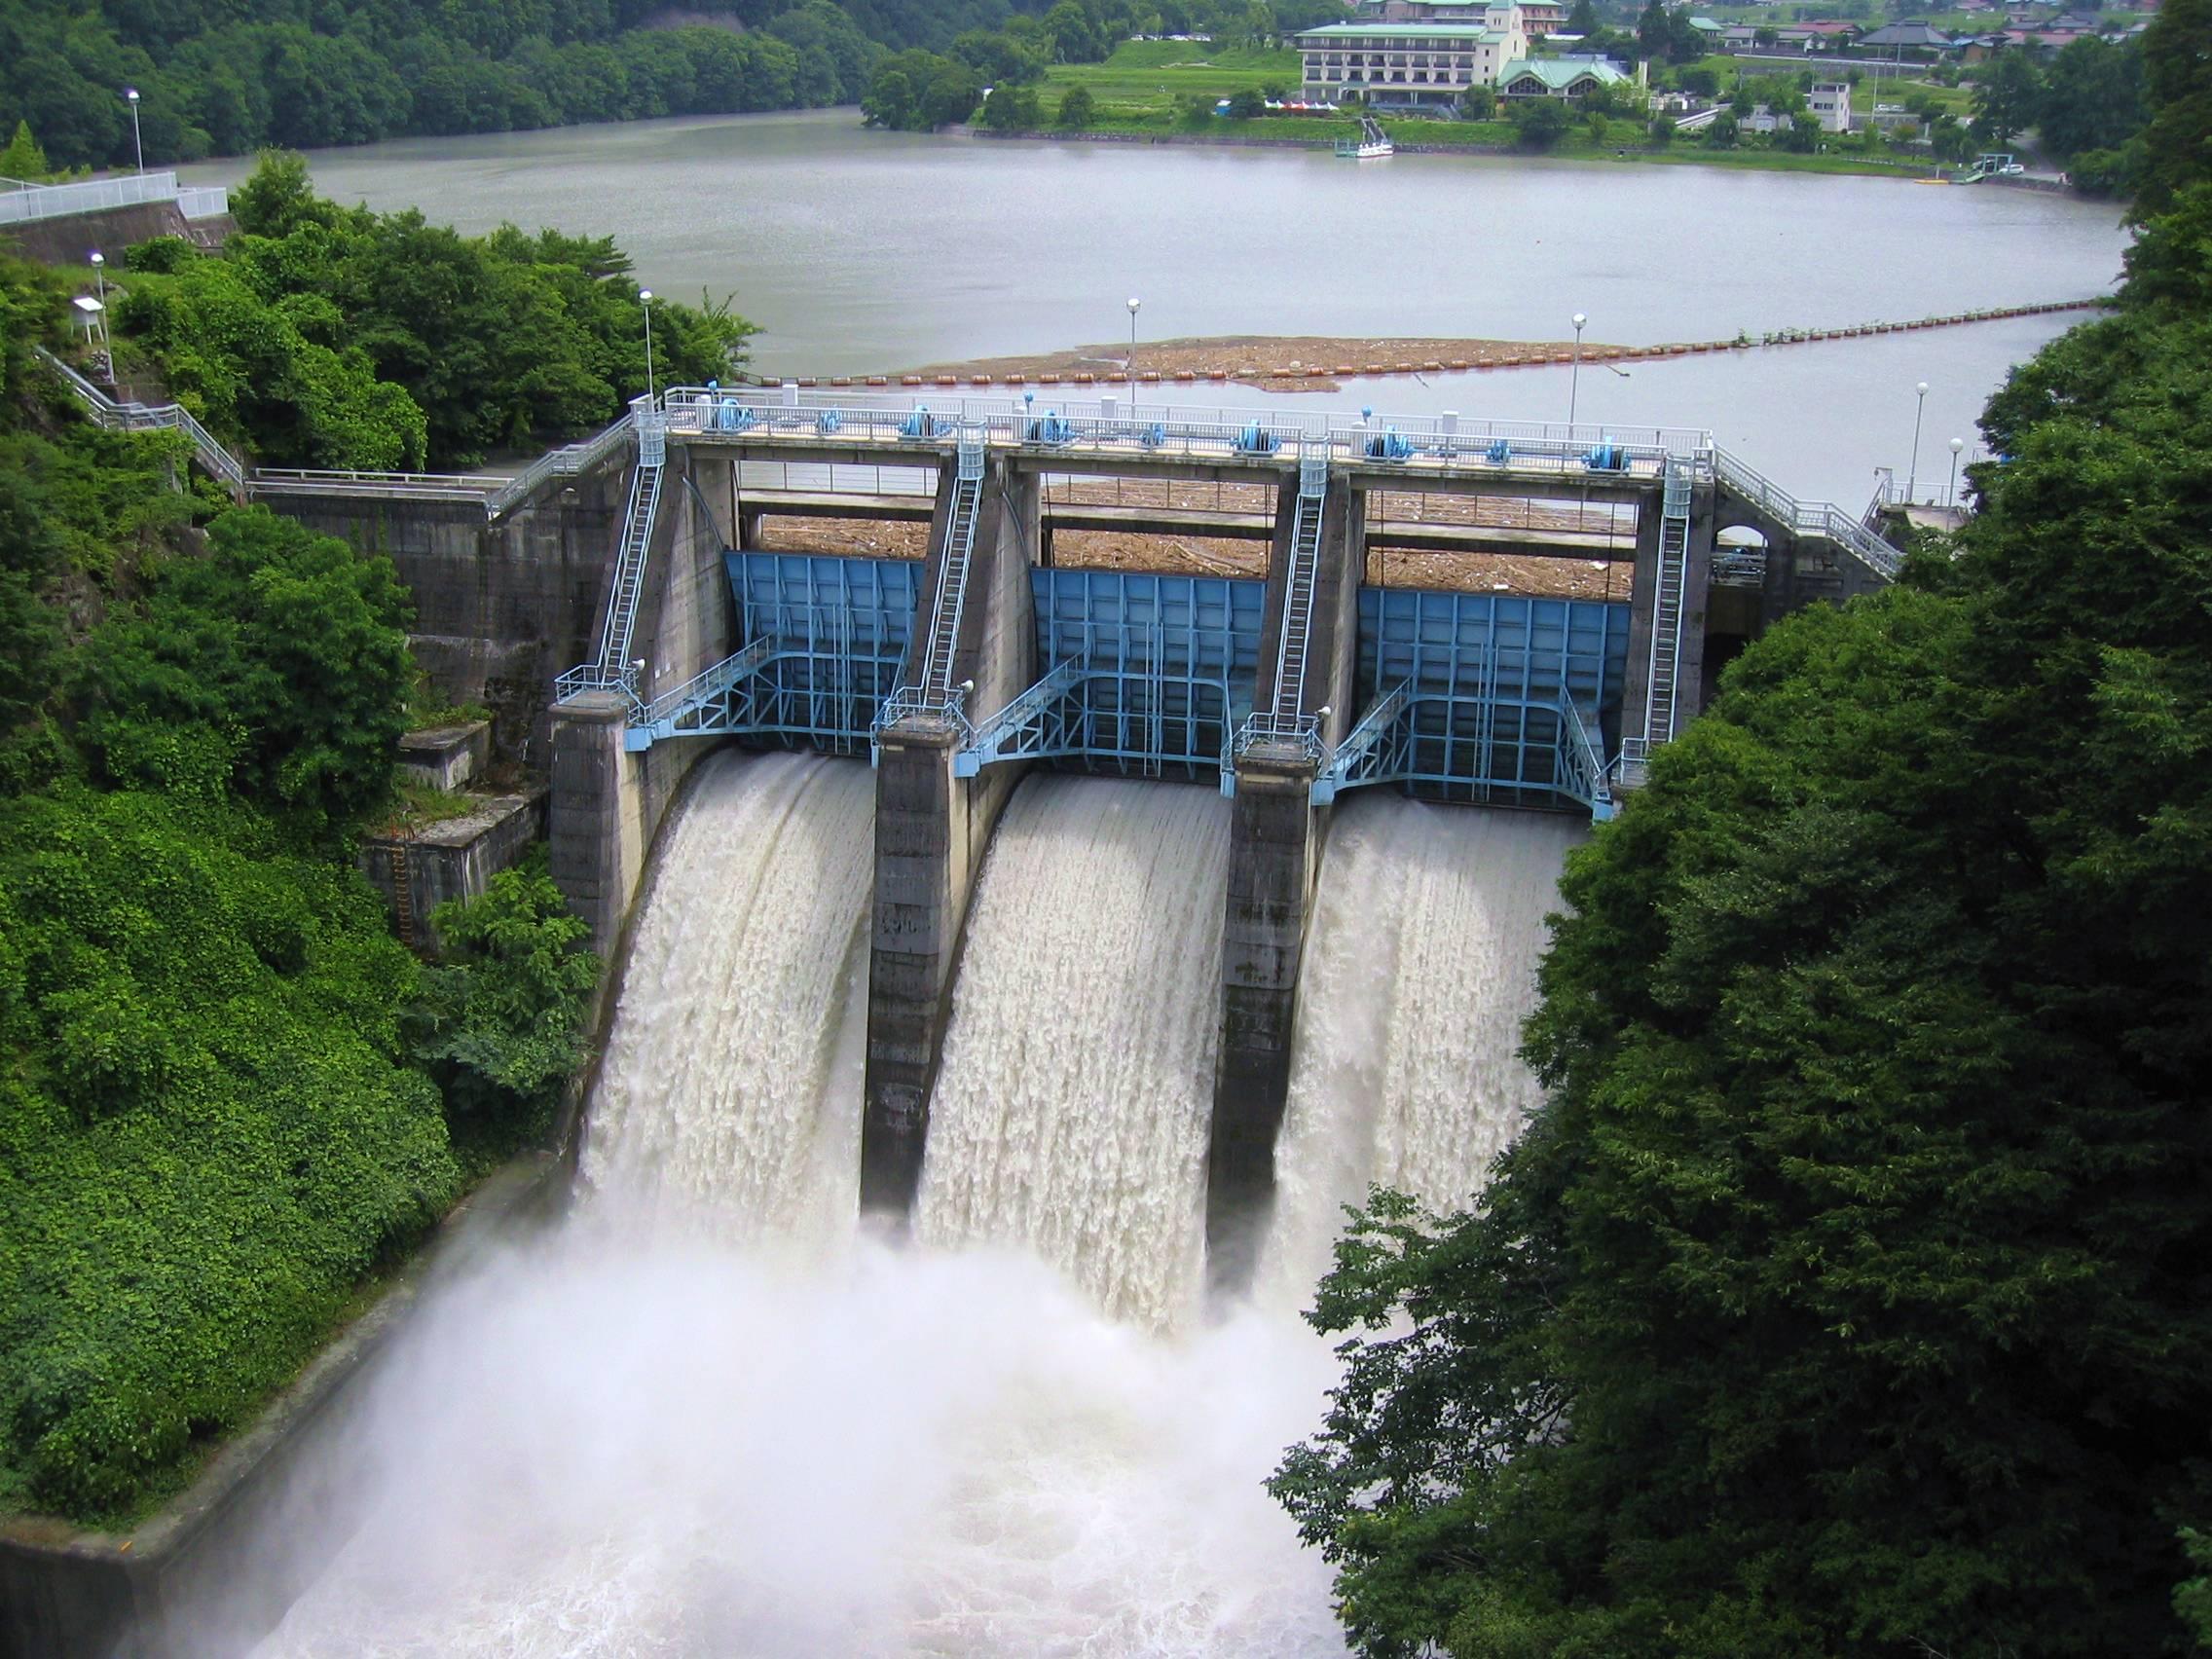 File:Takato Dam discharge.jpg - Wikimedia Commons